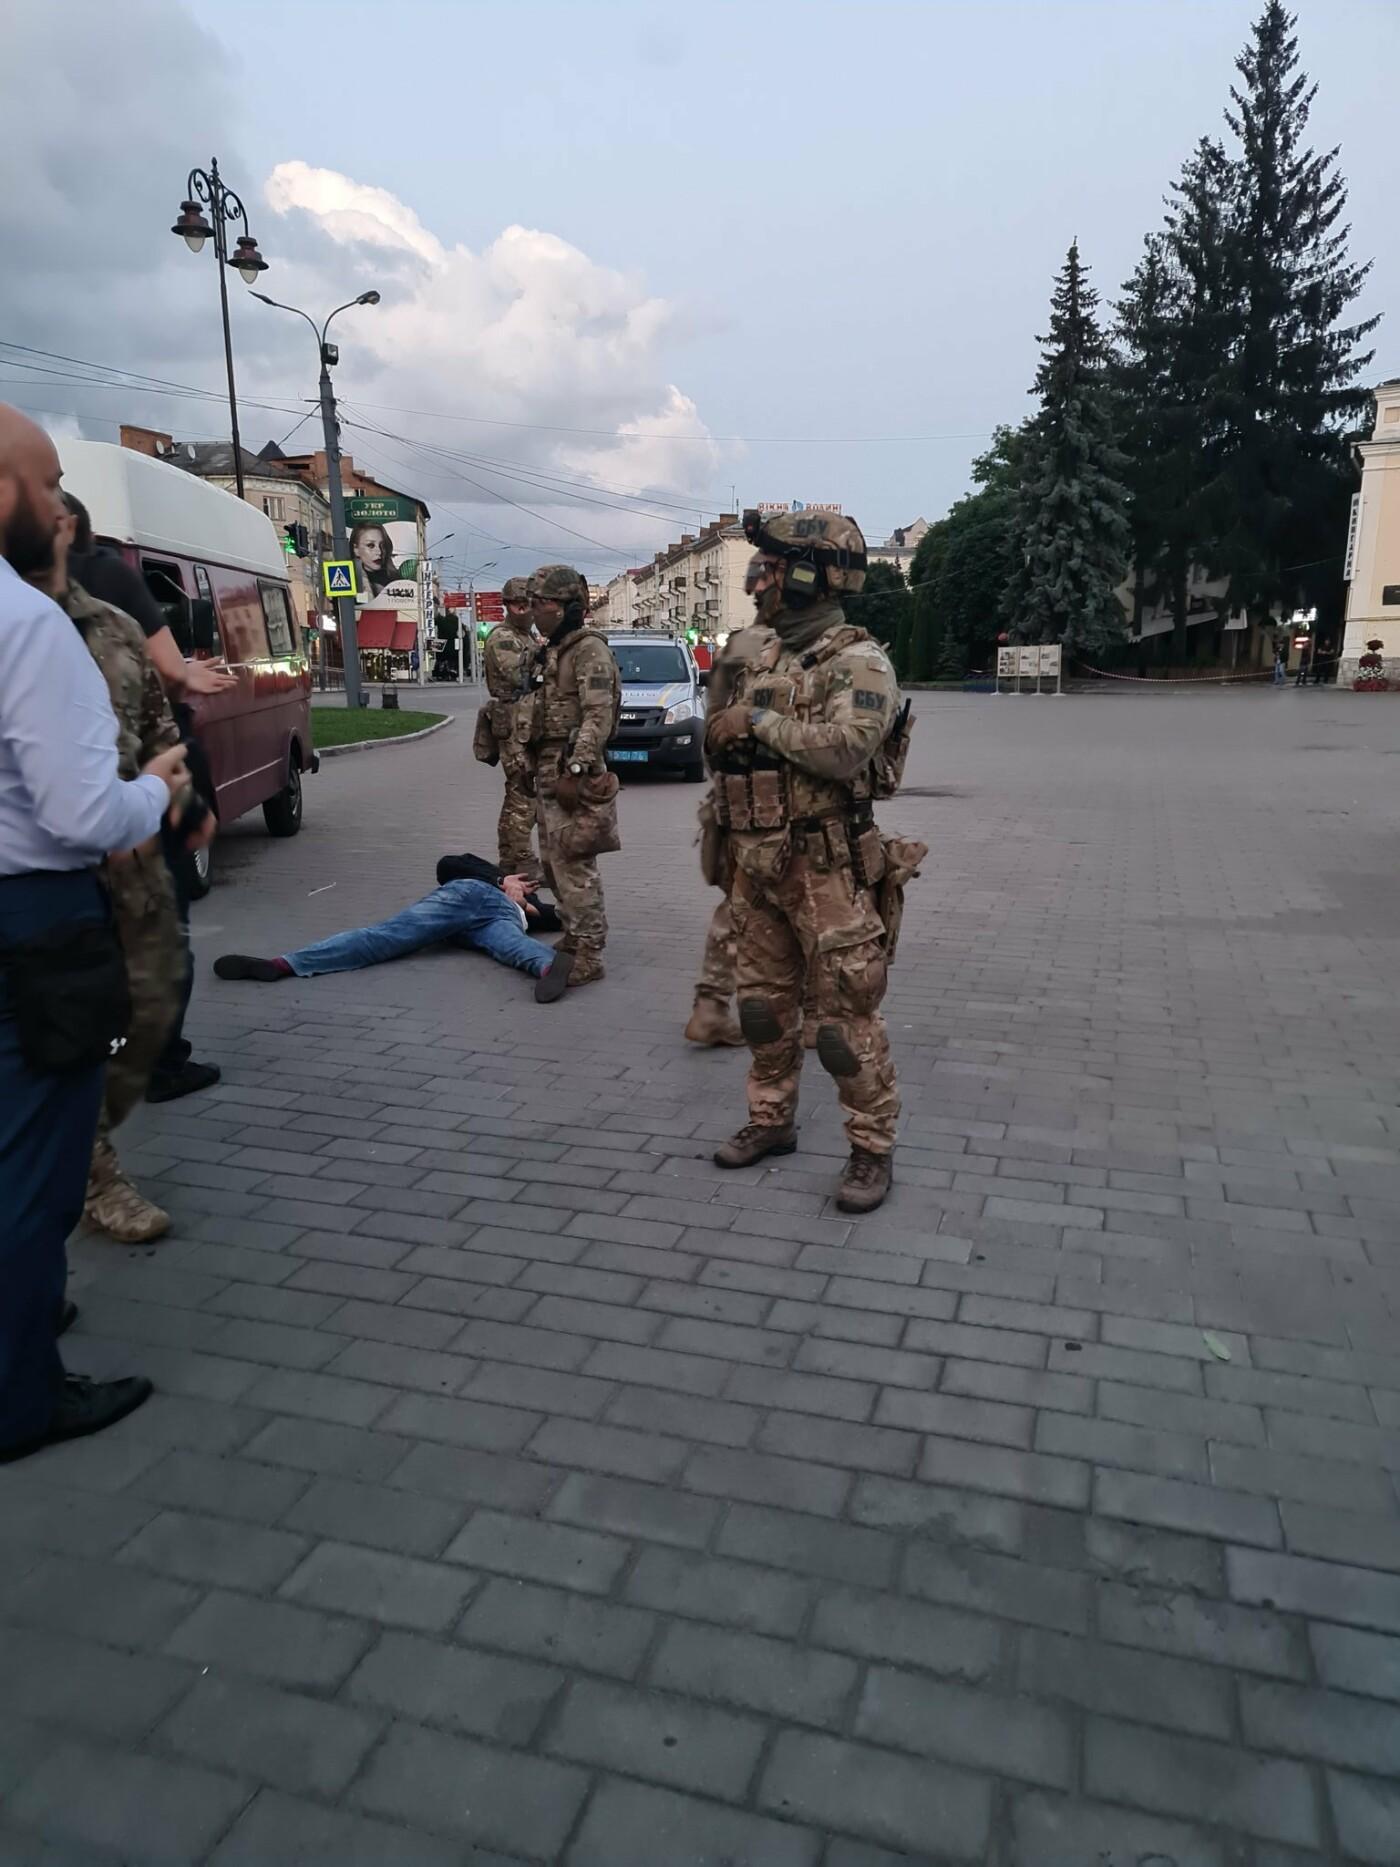 Захоплення людей у Луцьку: терориста затримали, з автобуса виходять заручники, фото-1